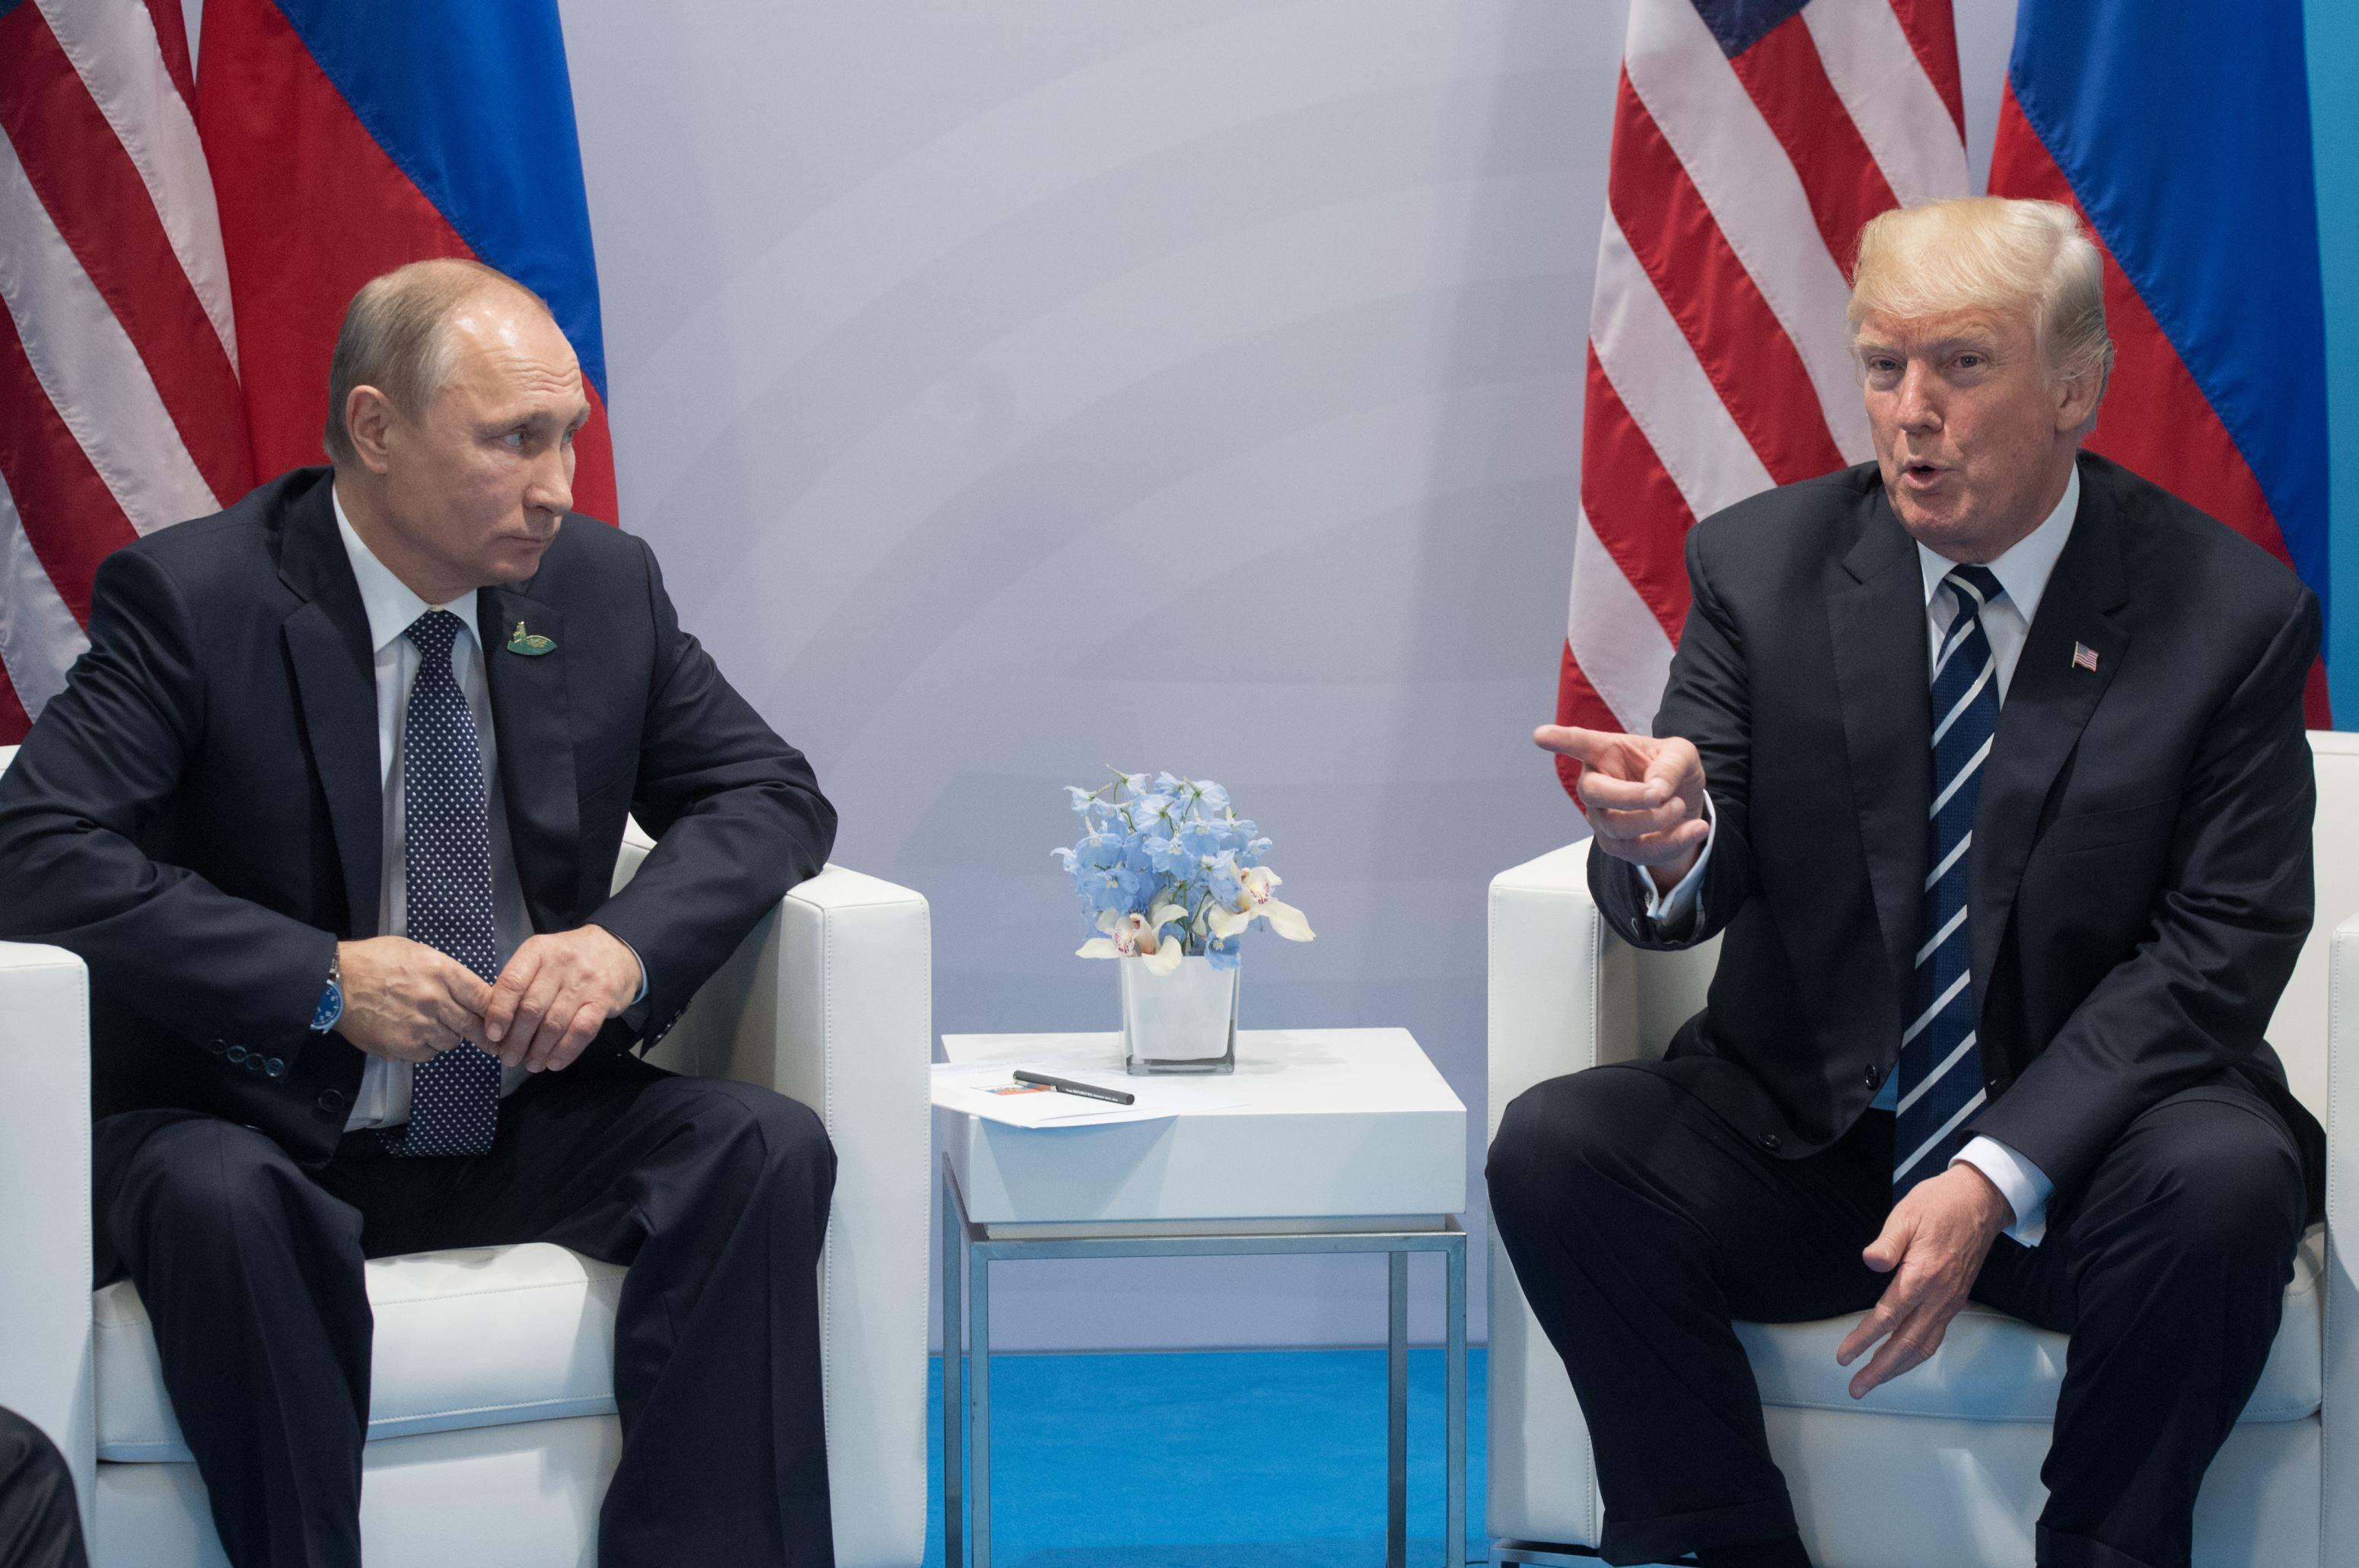 Rusia transmite că Vladimir Putin este pregătit pentru o întâlnire cu Donald Trump în Vietnam